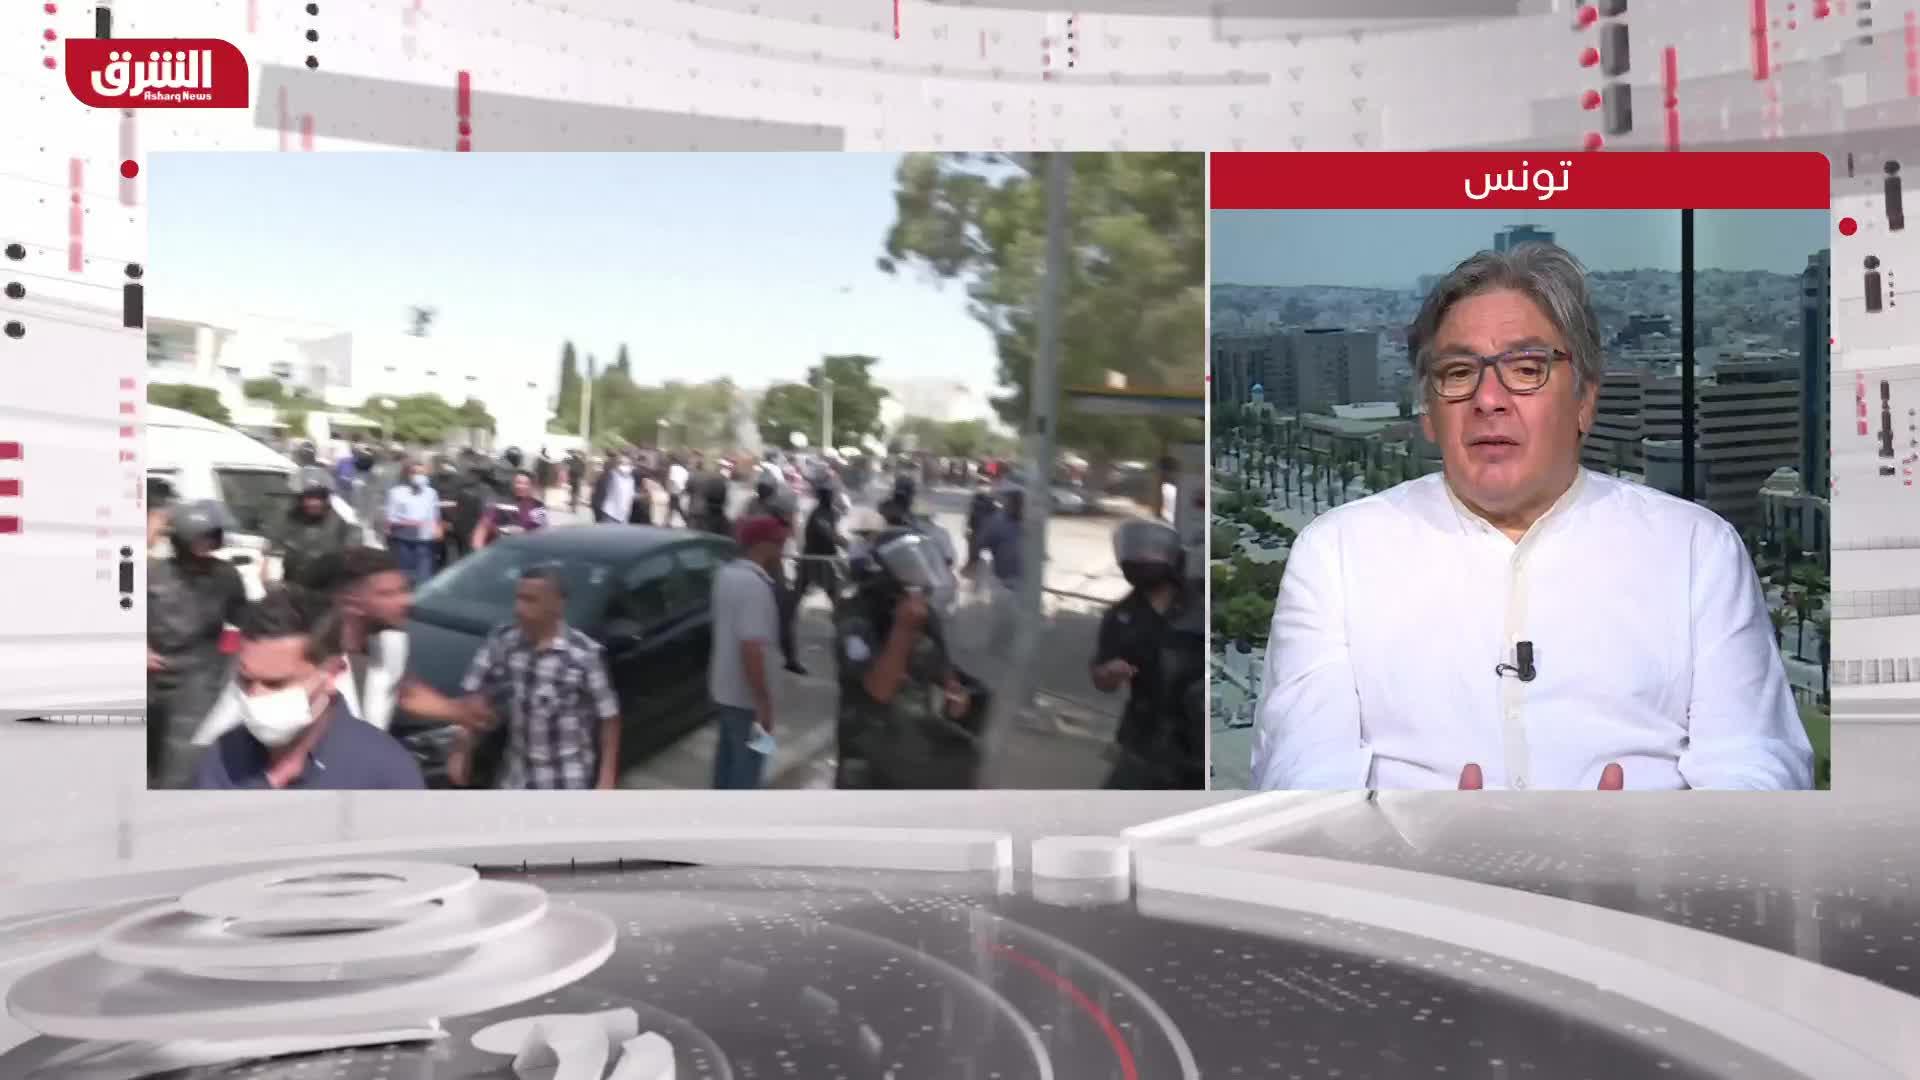 الوضع الميداني في تونس بعد إقالة الحكومة وتجميد البرلمان